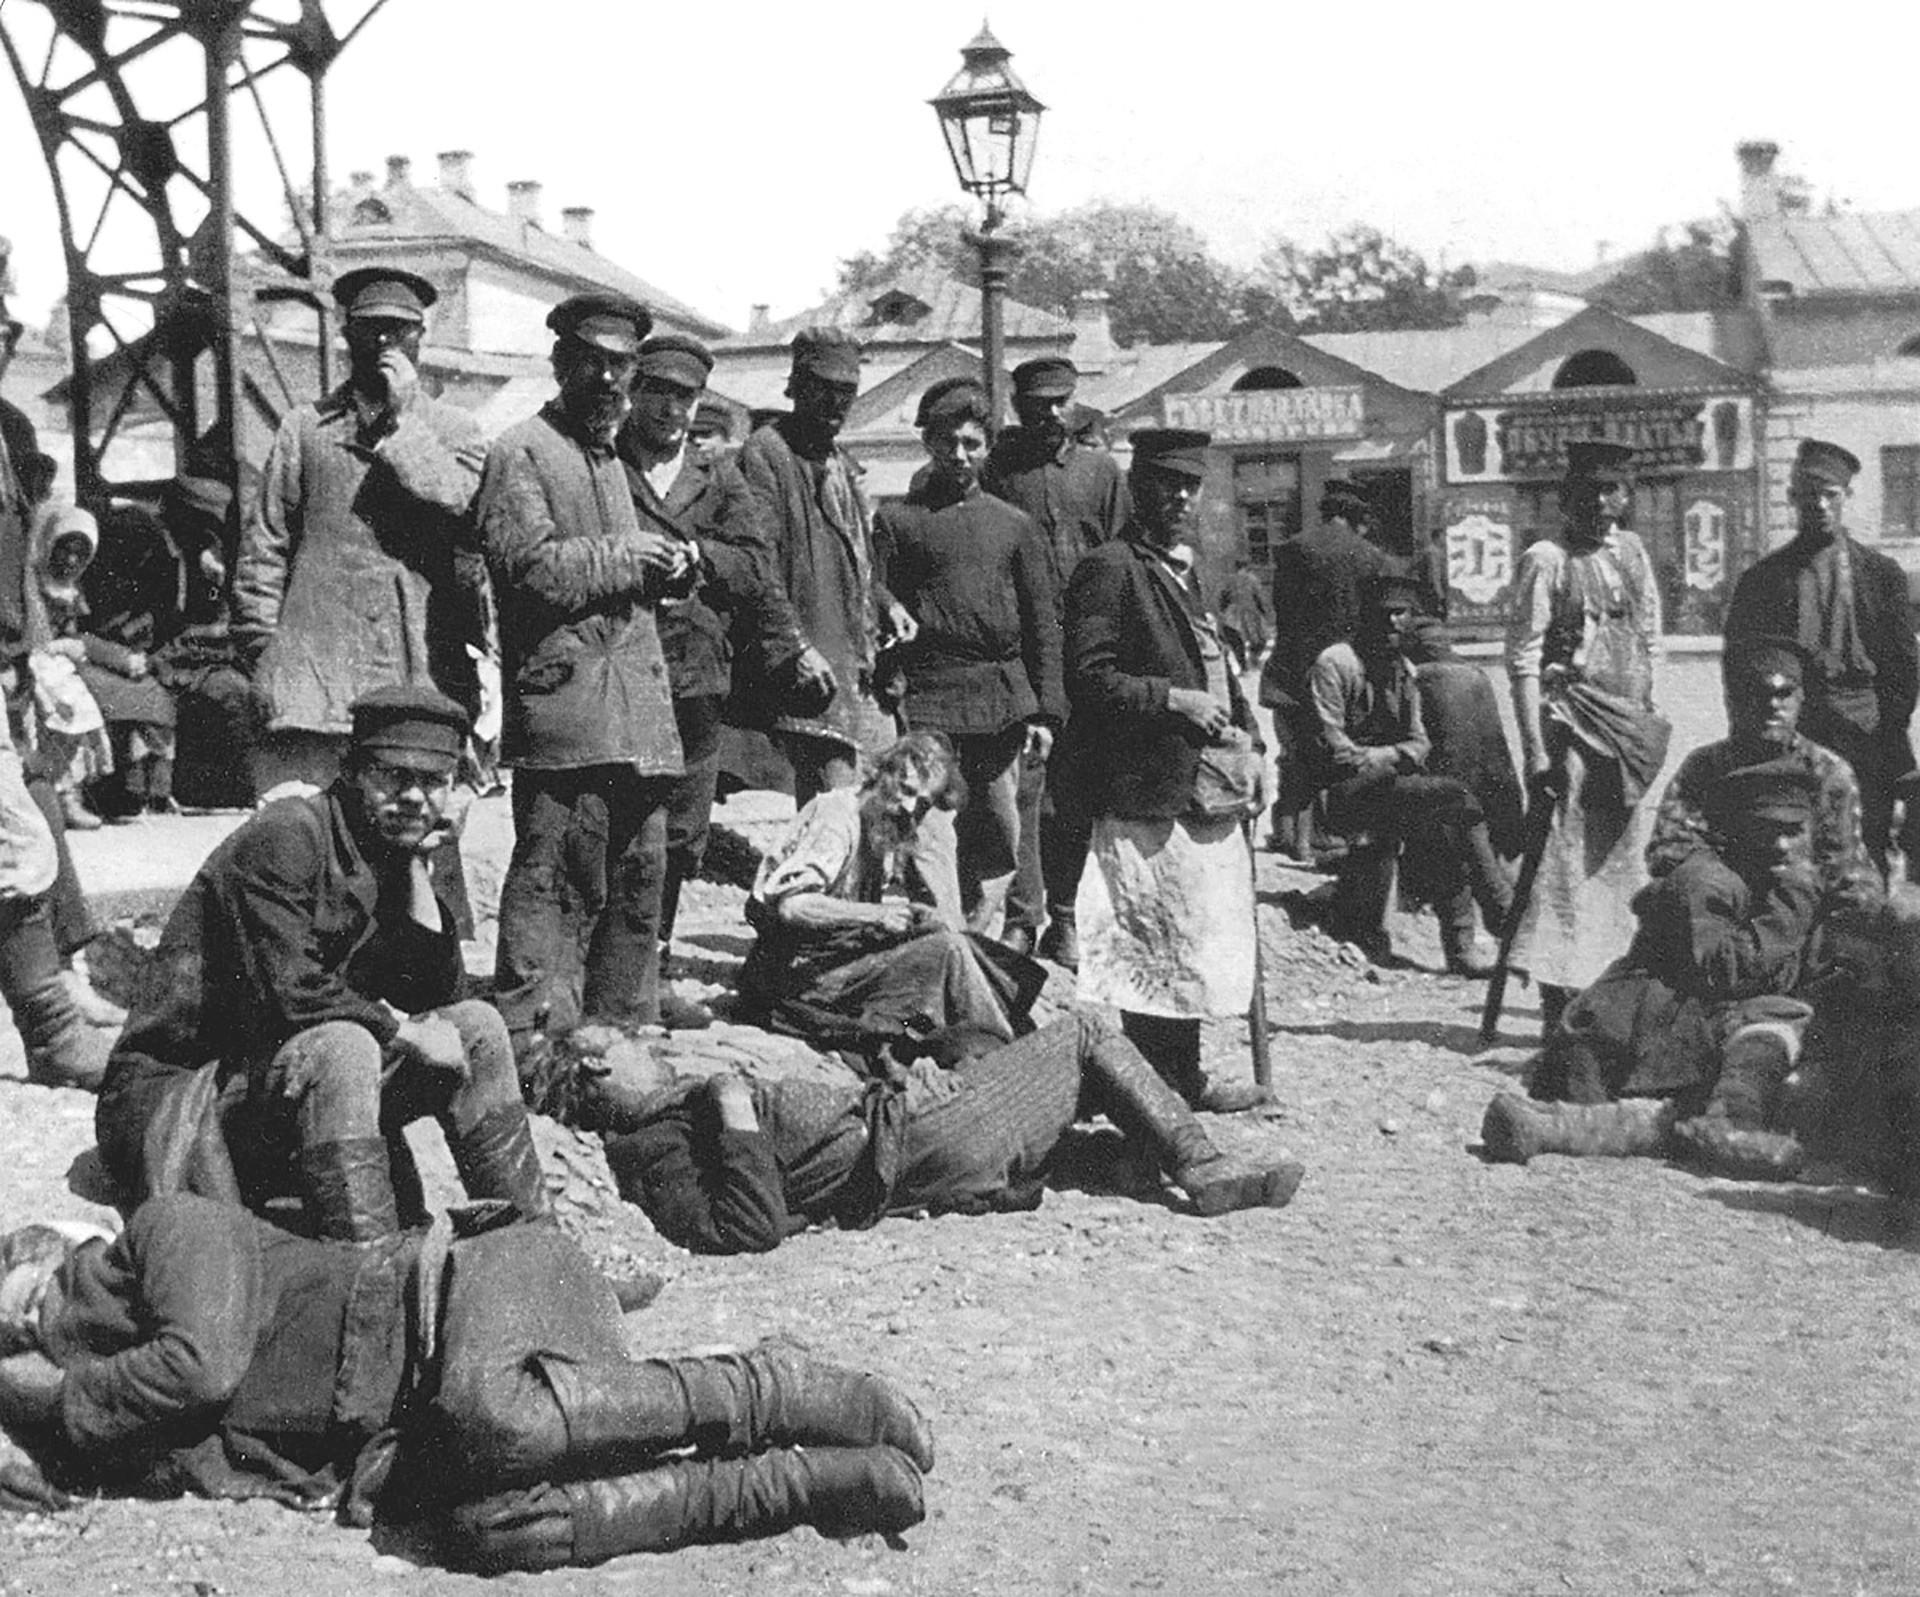 Типични бродяги от края на XIX - началото на XX век, Москва